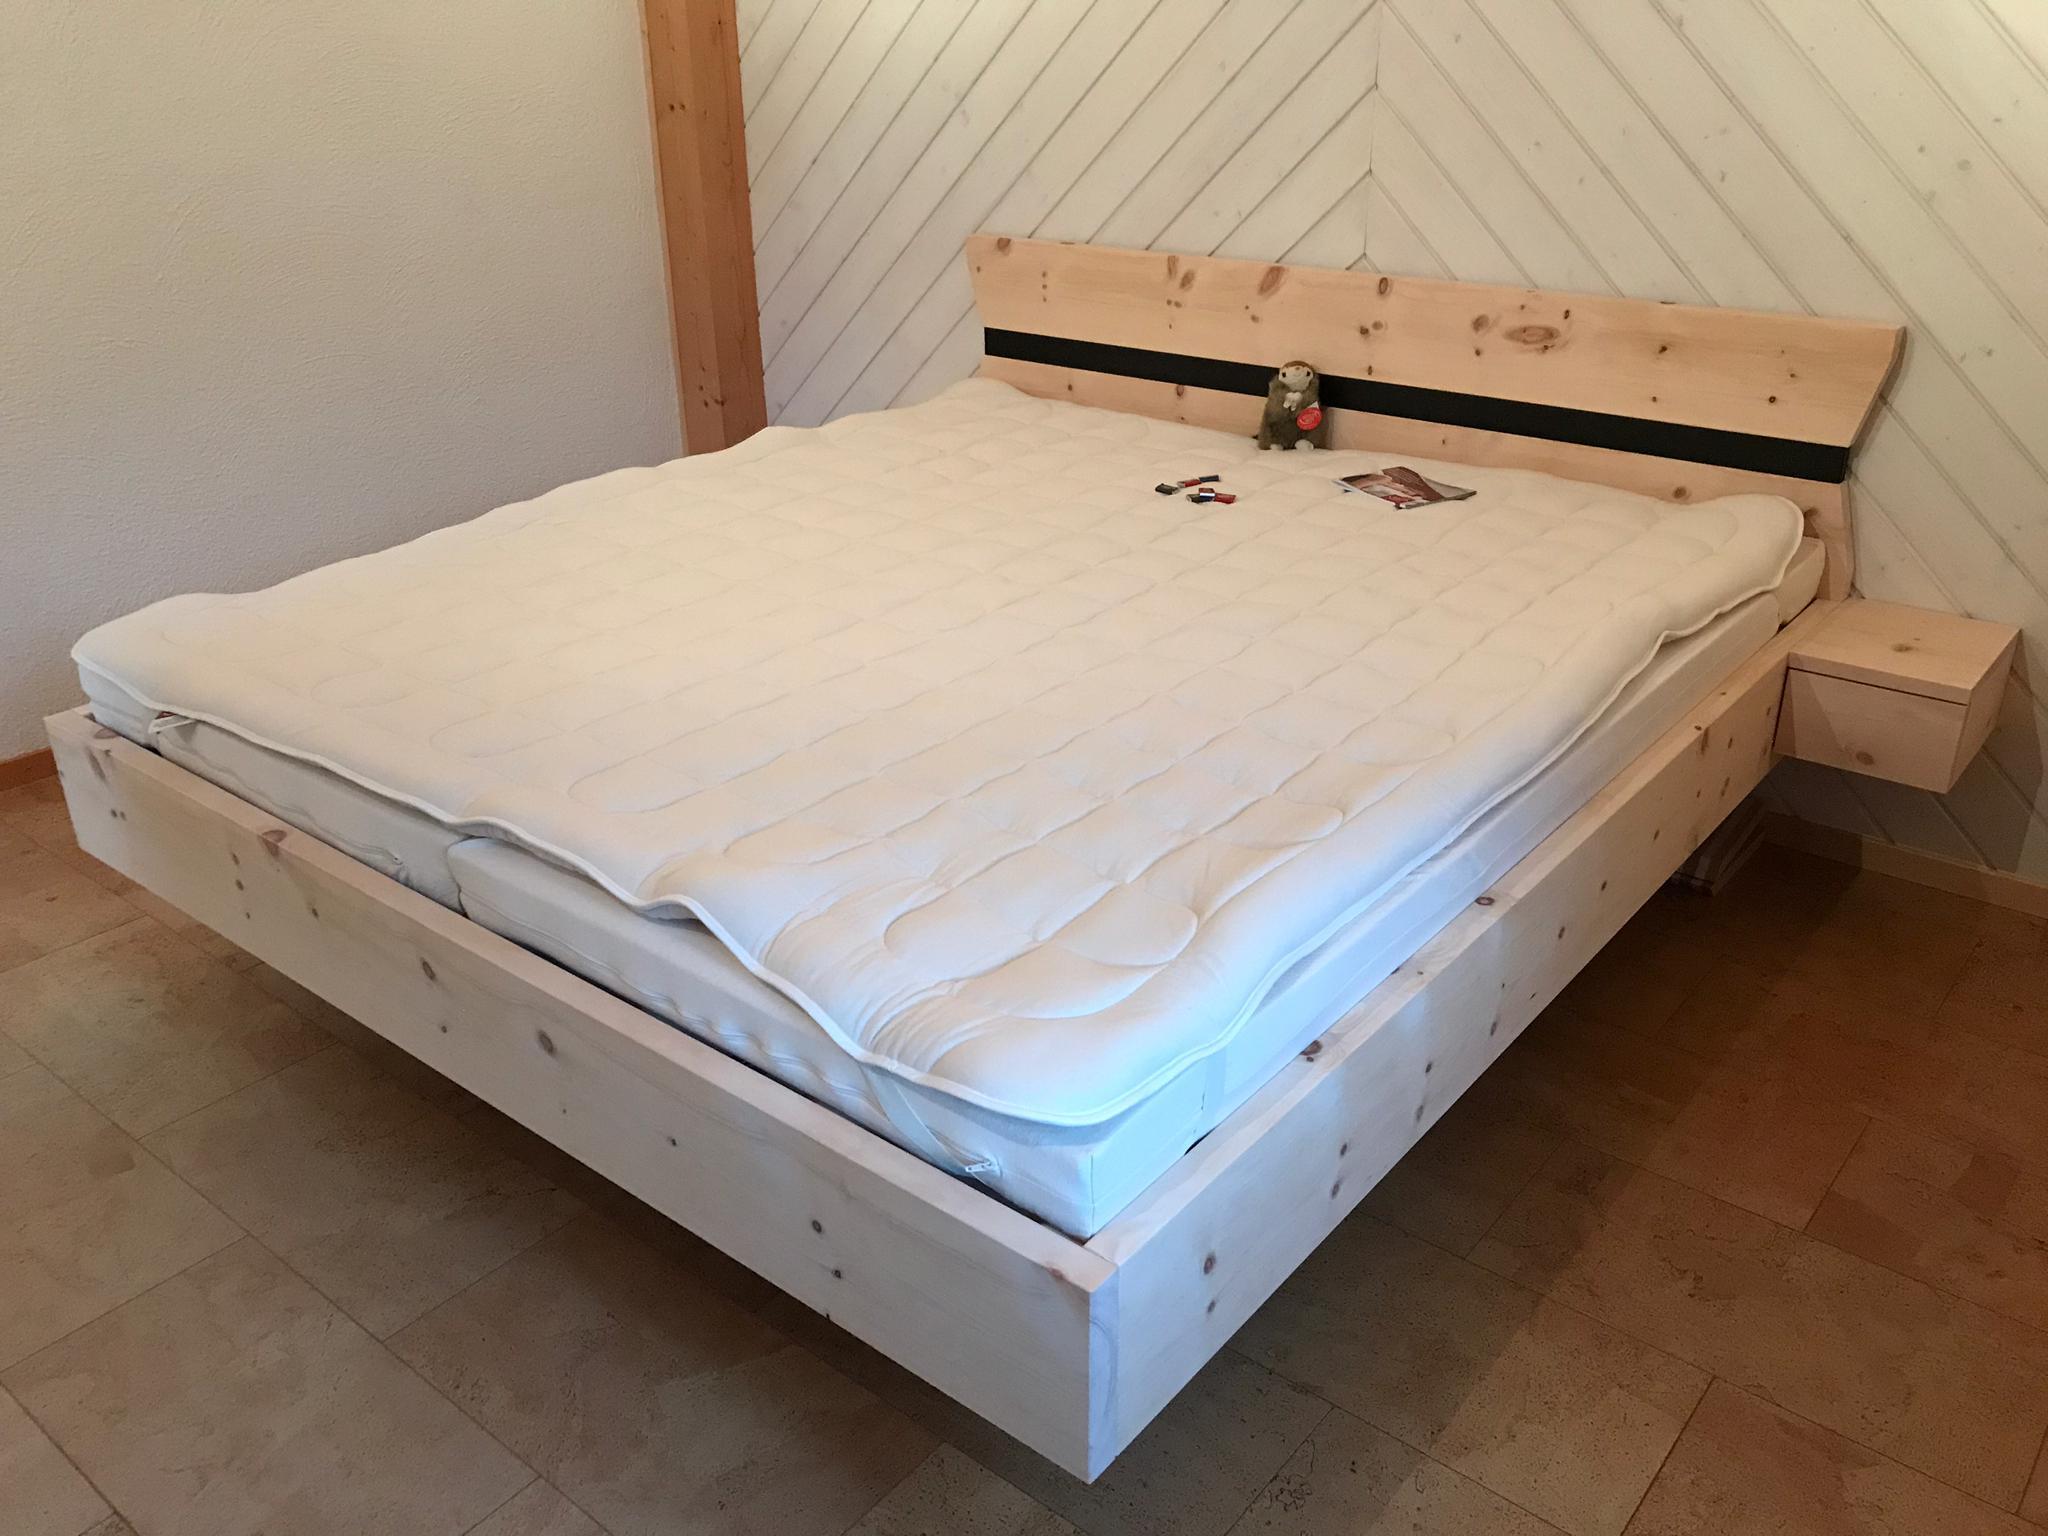 individuelles Arvenholz Bett, roh - Ihrem Wohlbefinden zuliebe!